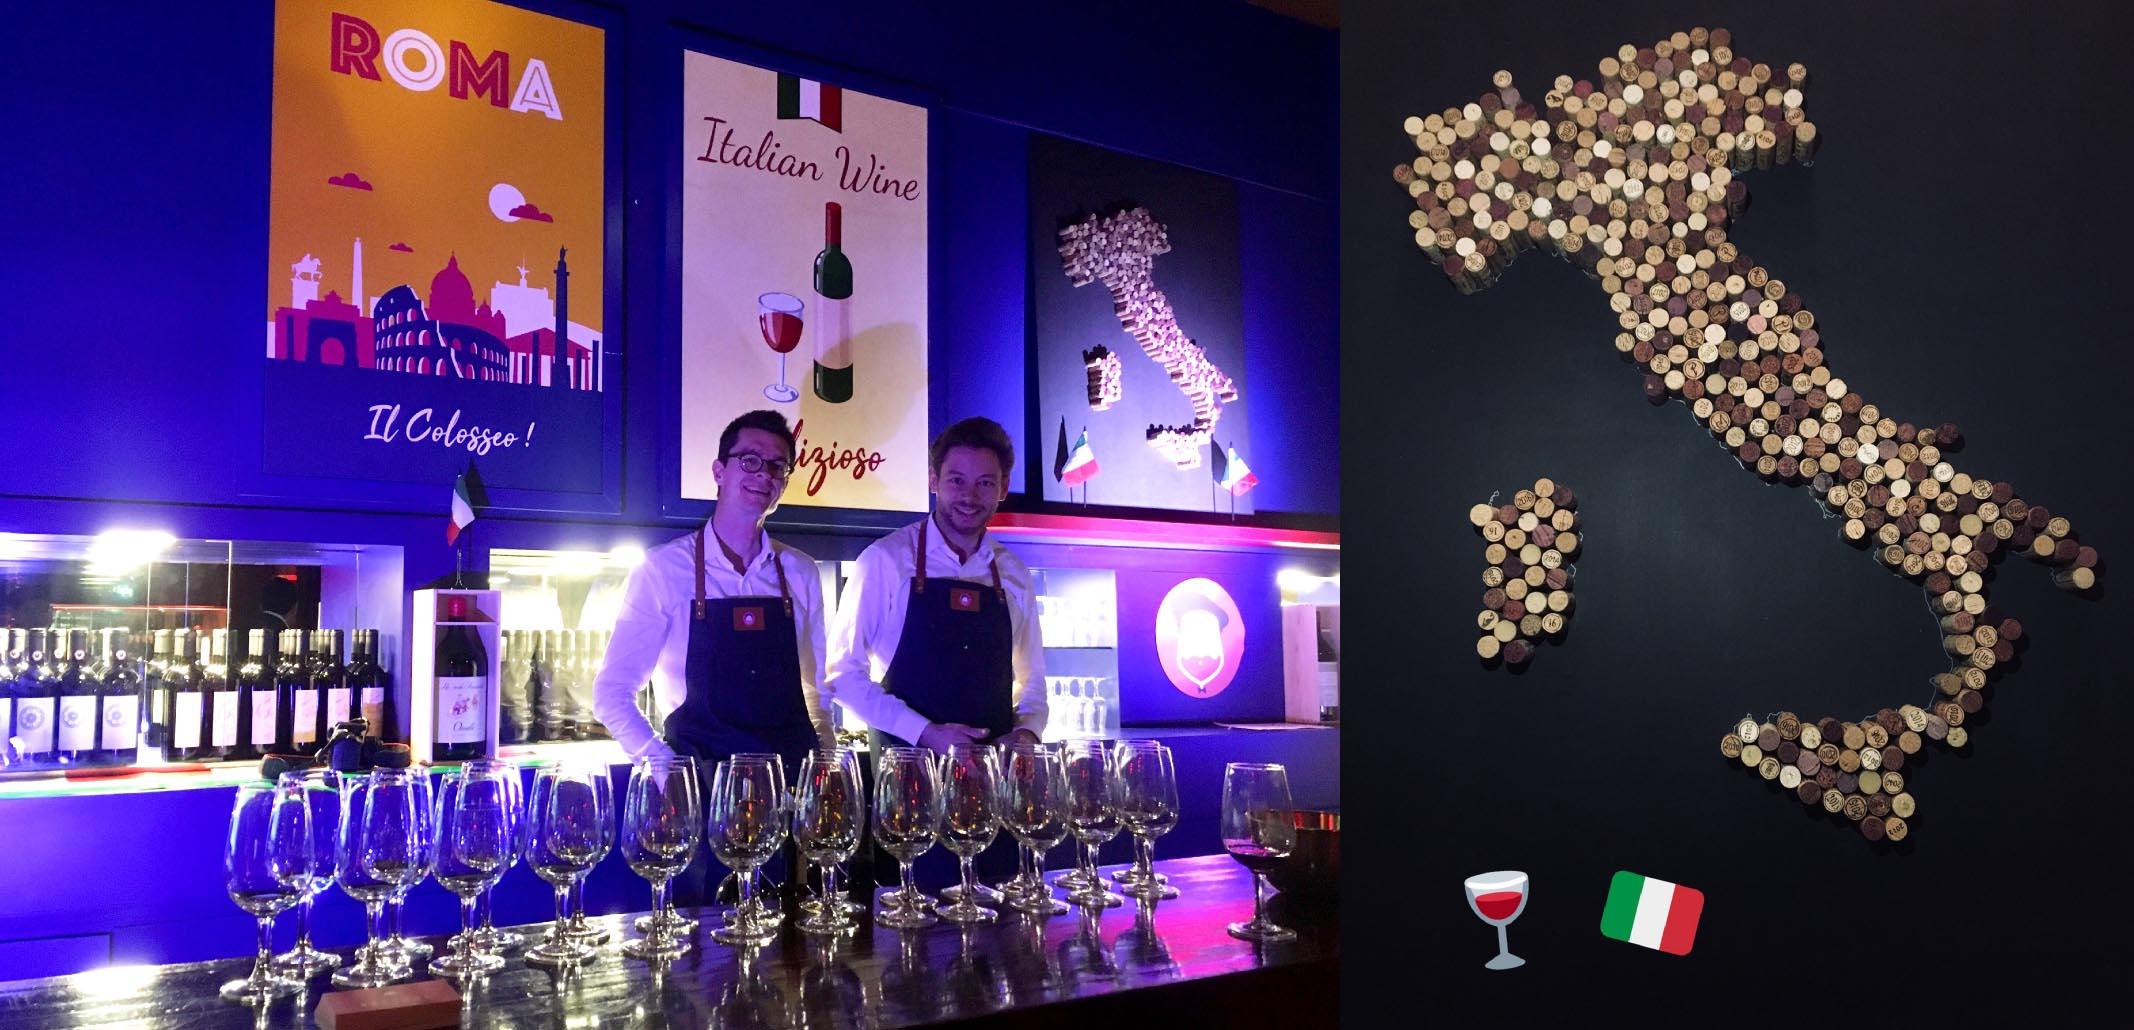 soirée-vin-italie